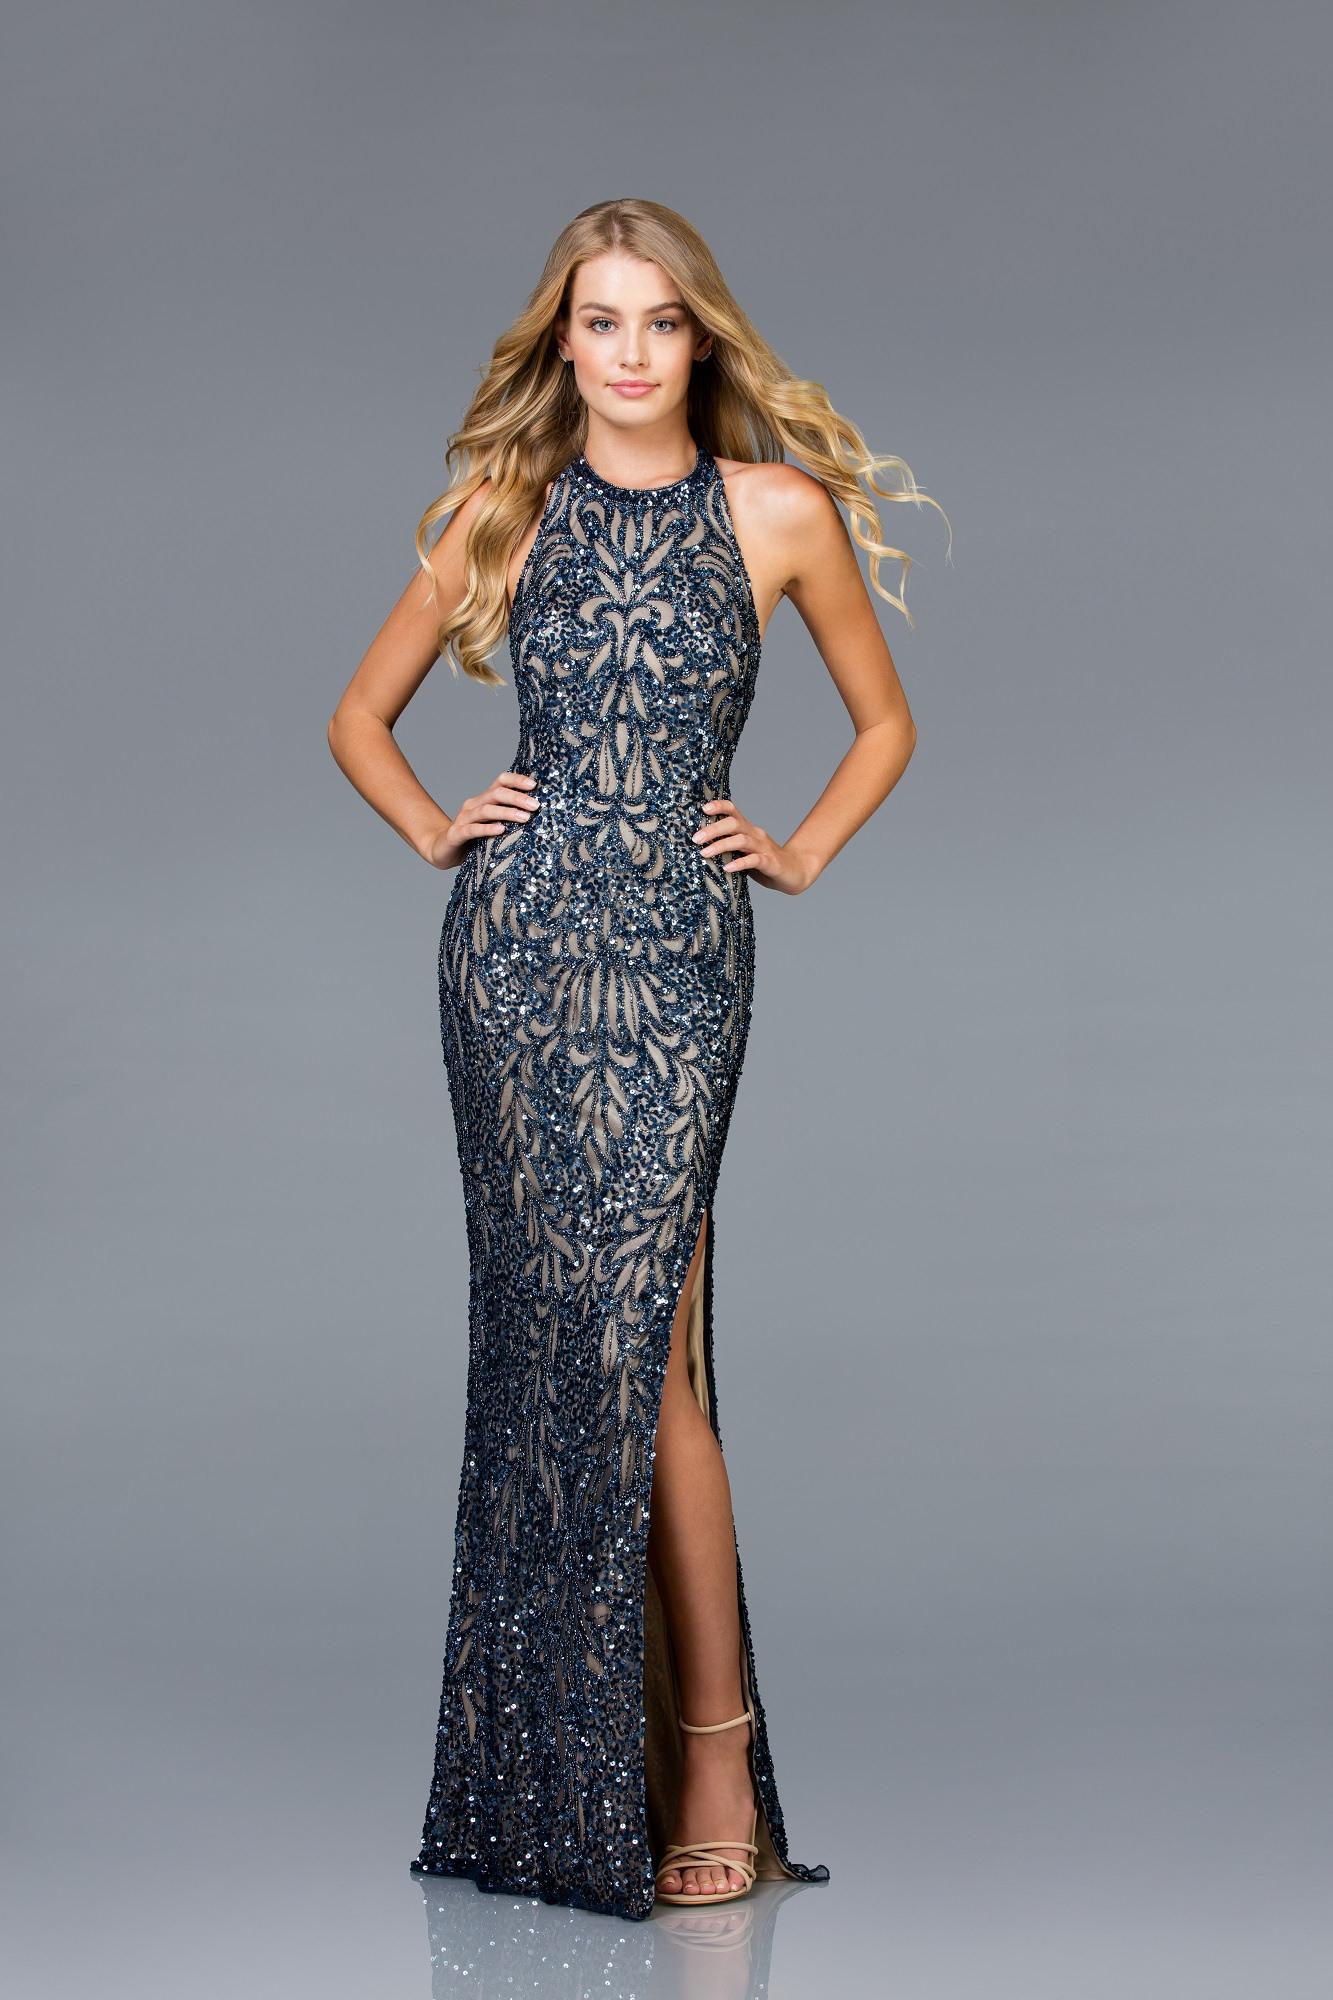 Formal Schön Elegantes Abendkleid Bester Preis13 Einzigartig Elegantes Abendkleid für 2019